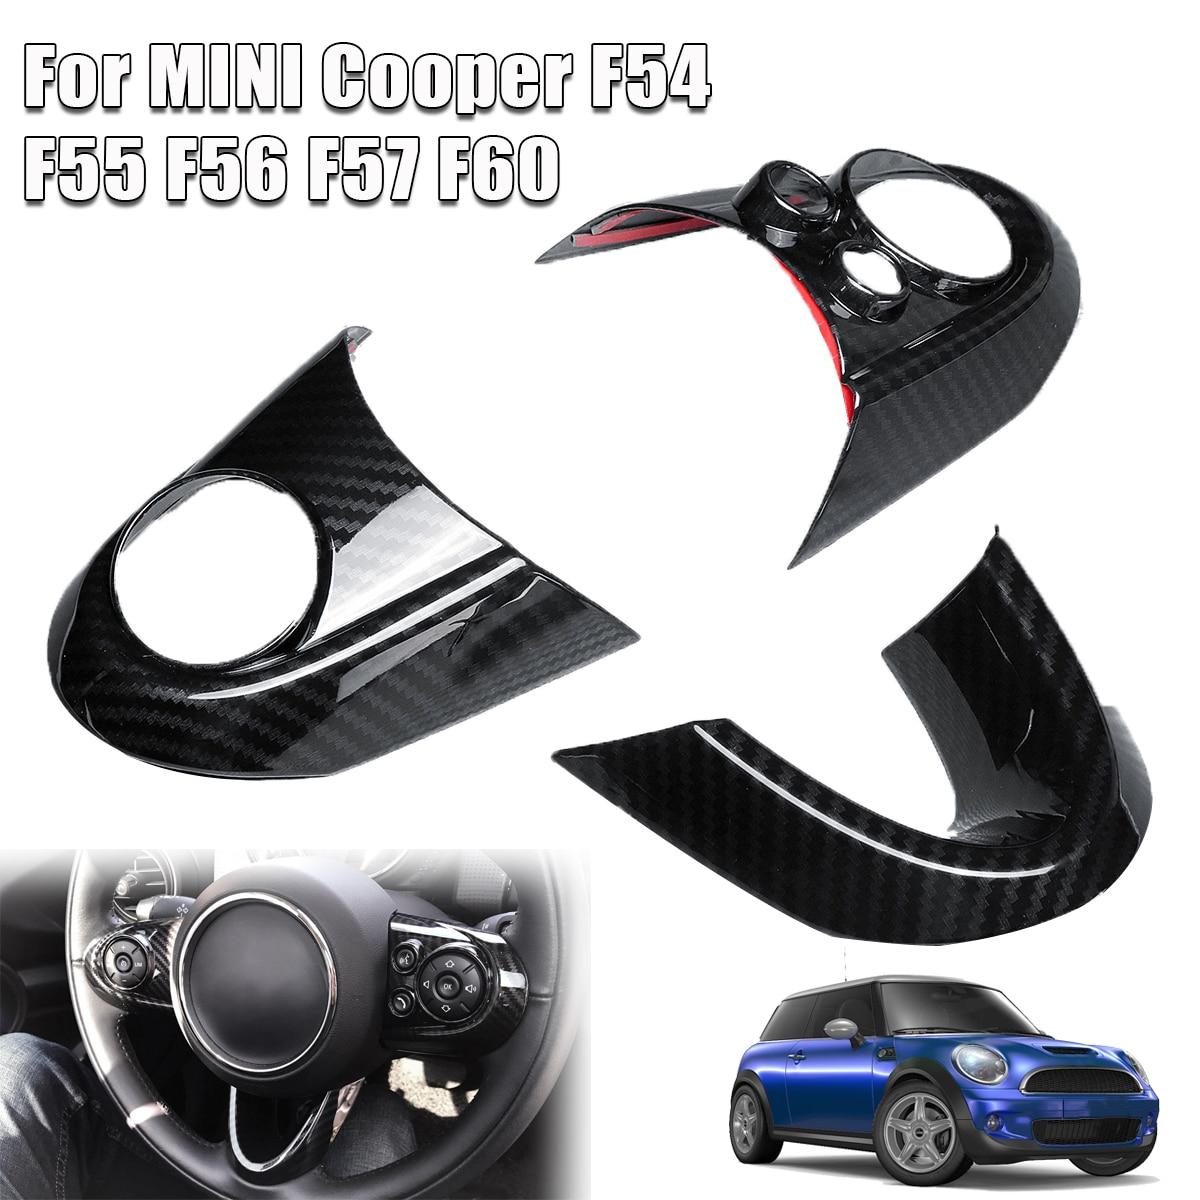 3pcs Carbon Fiber Style Steeing Wheel Covers for MINI Cooper F54 F55 F56 F57 F60 Automotive Interior Sticker Cover Accessory